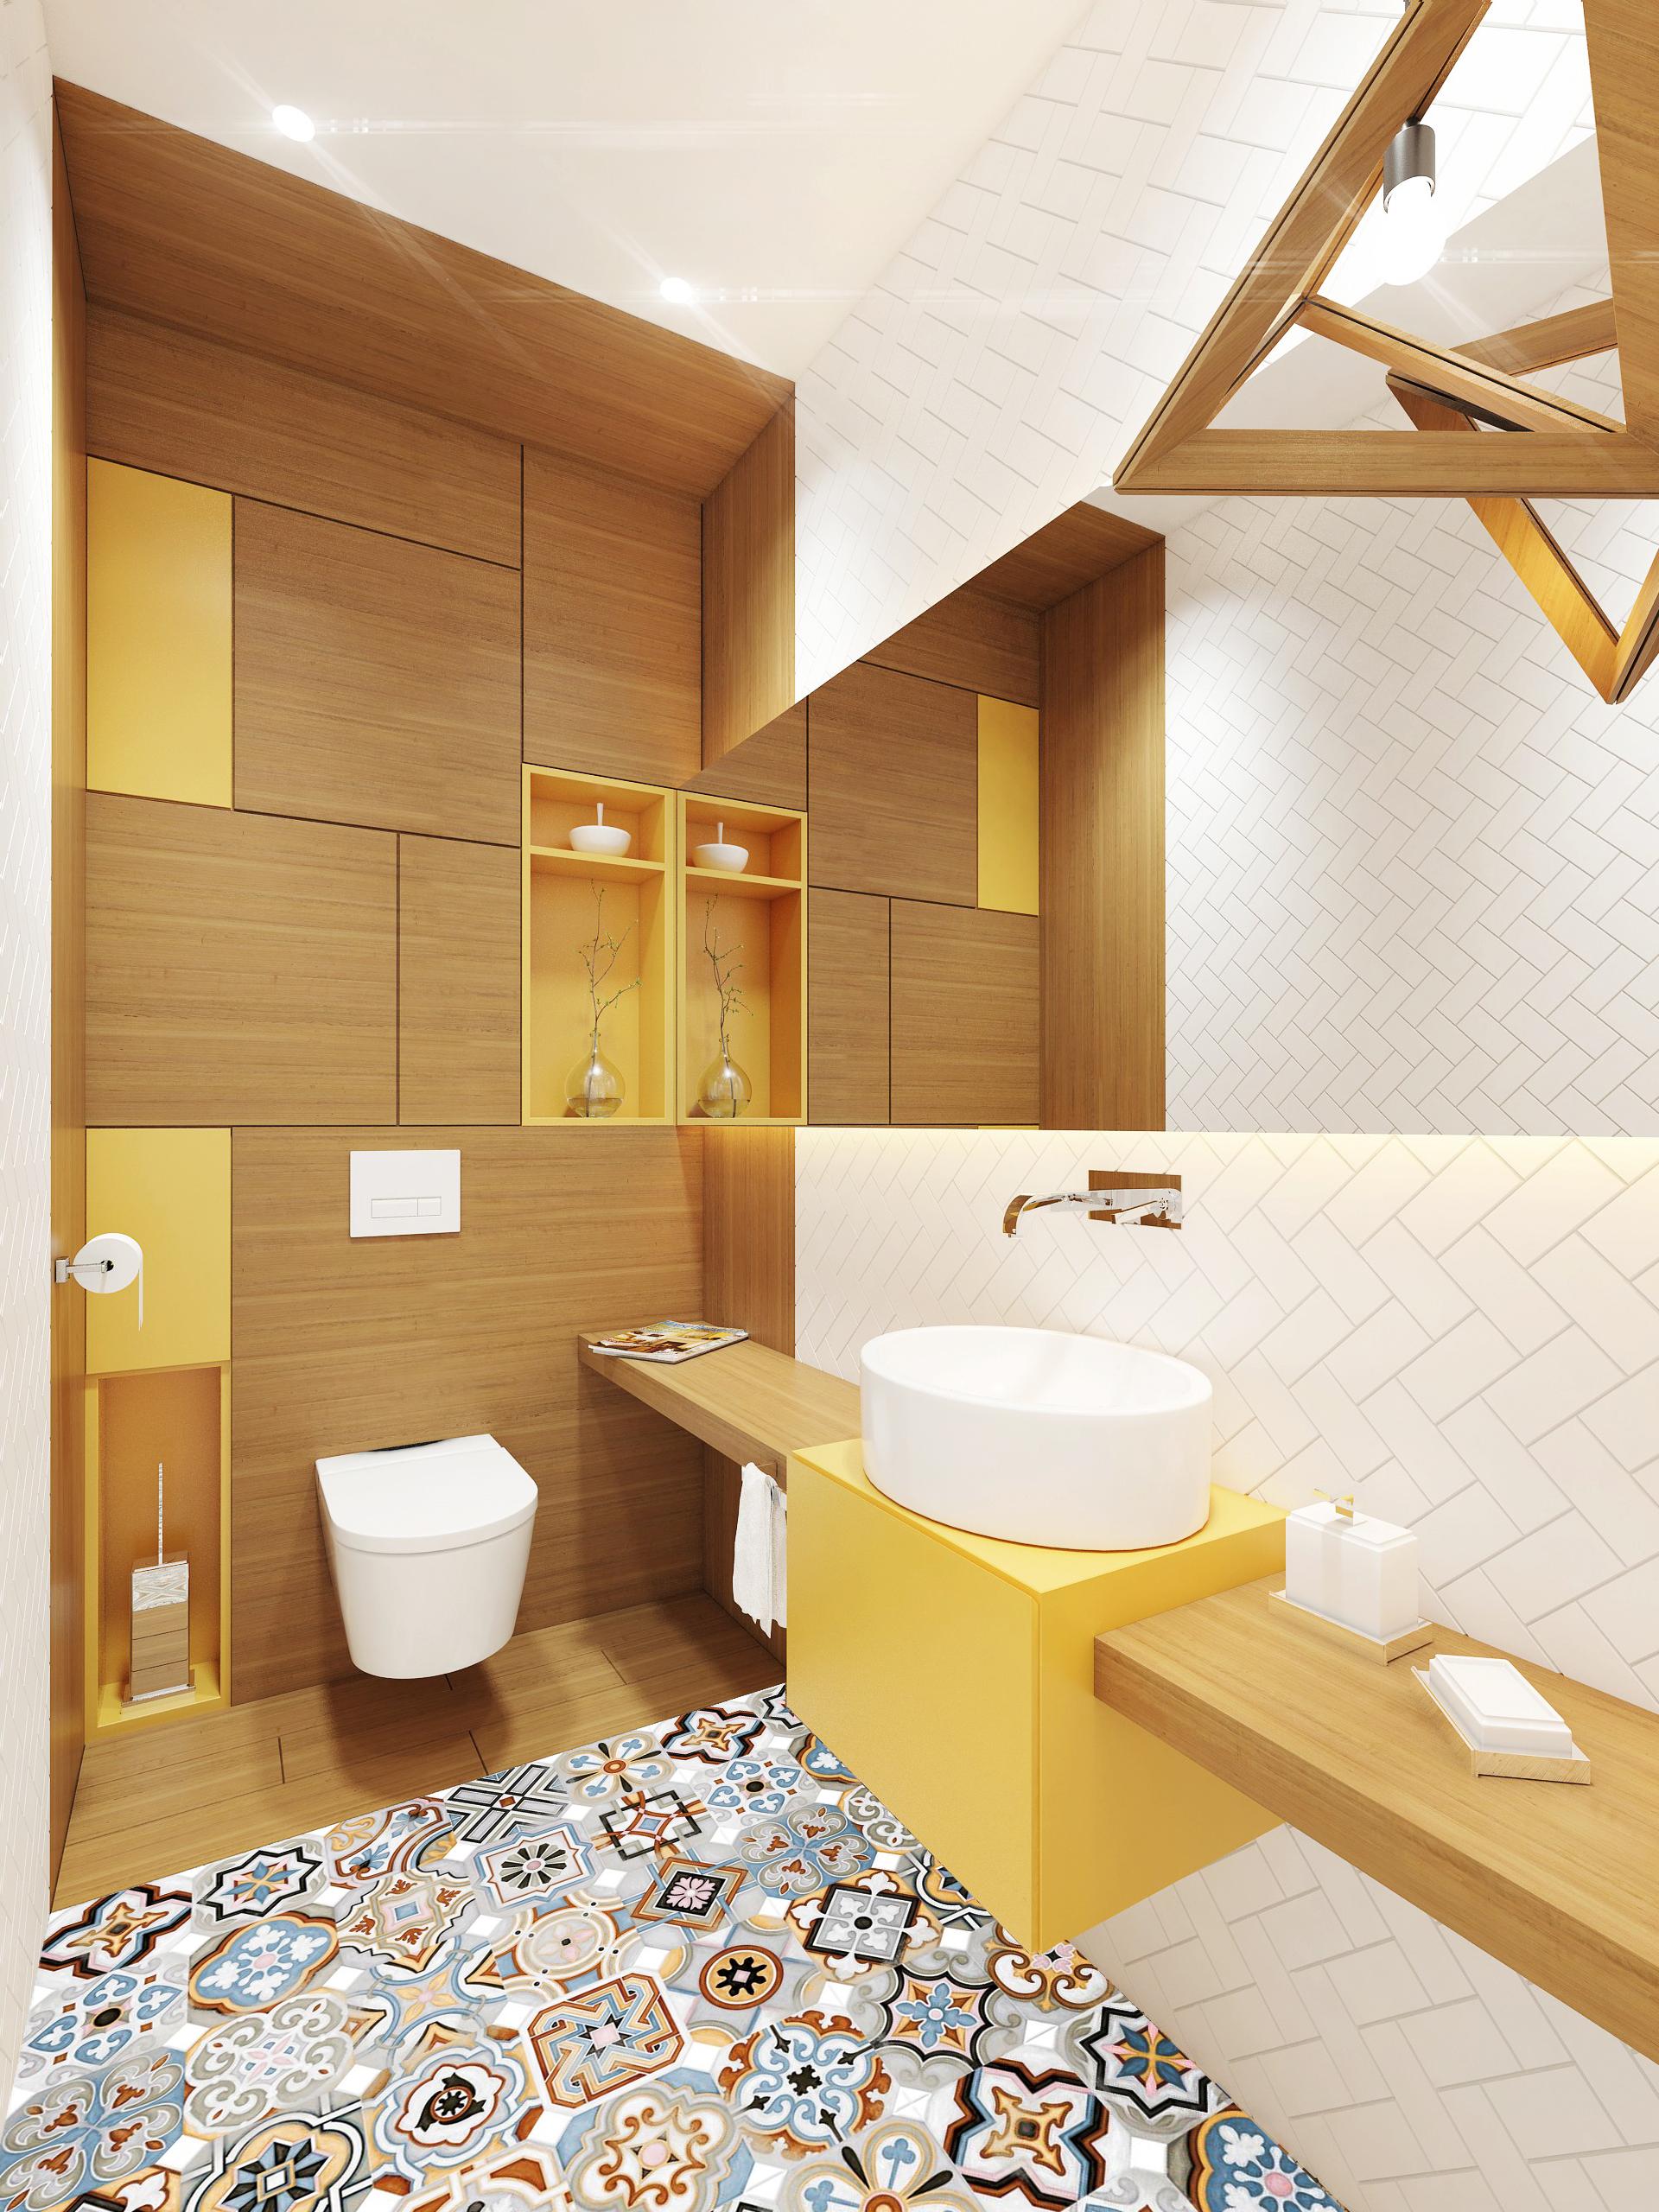 Nowoczesna żółta łazienka Z Kolorową Podłogą Wkręconapl